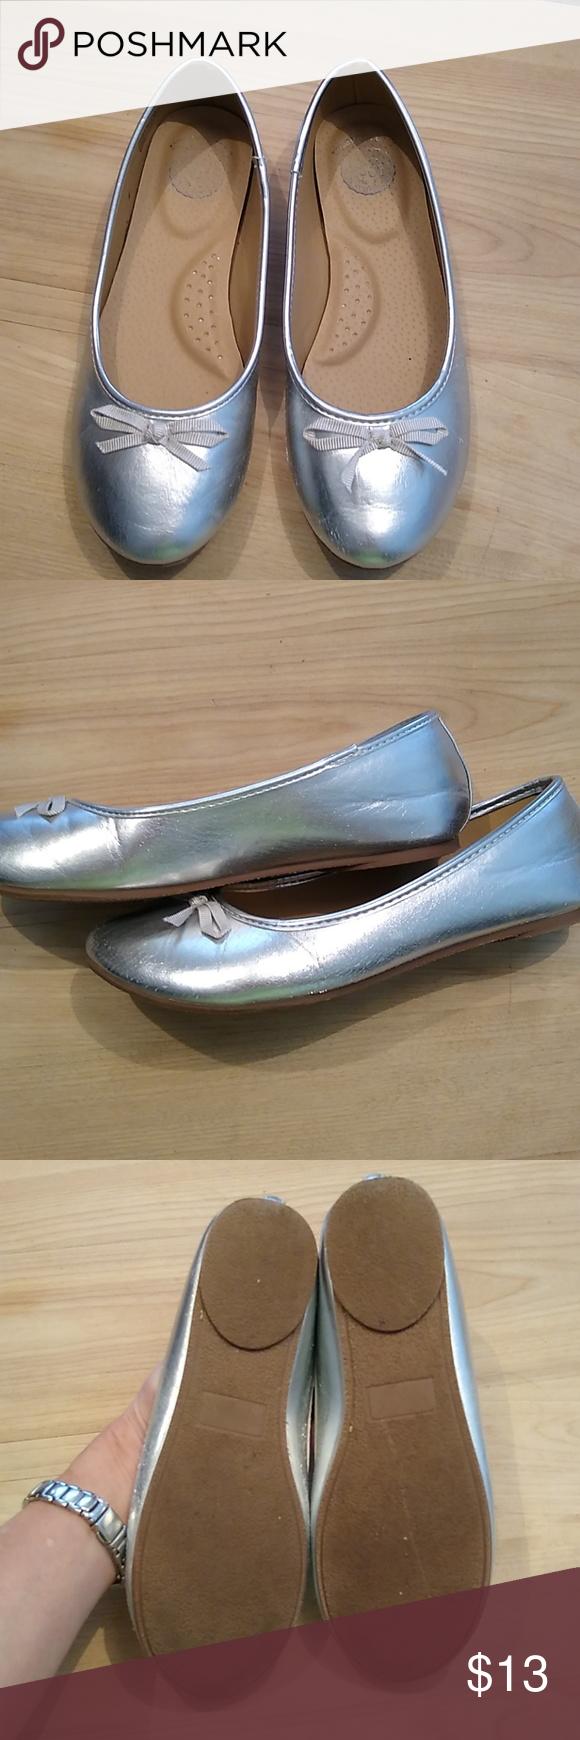 girls silver ballet flats. Worn once